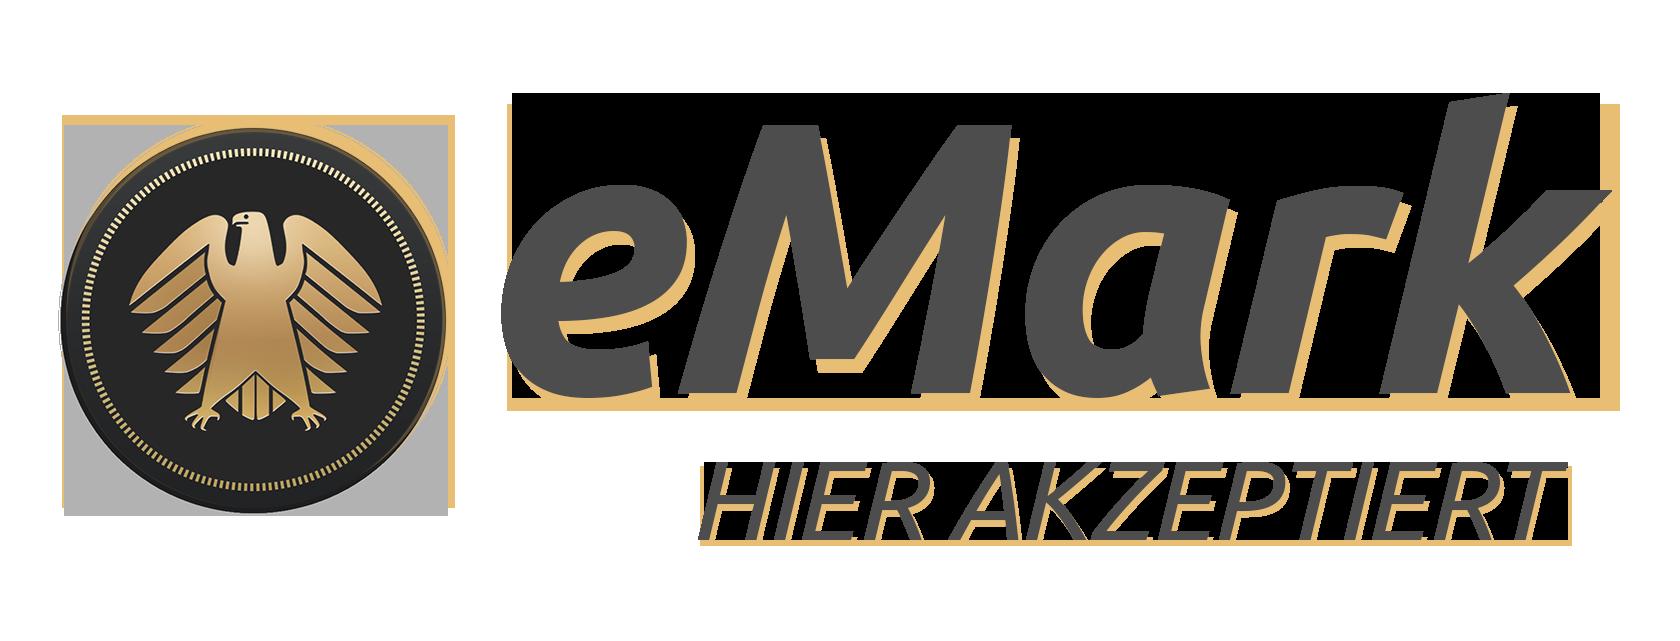 eMark hier akzeptiert ohne Hintergrund